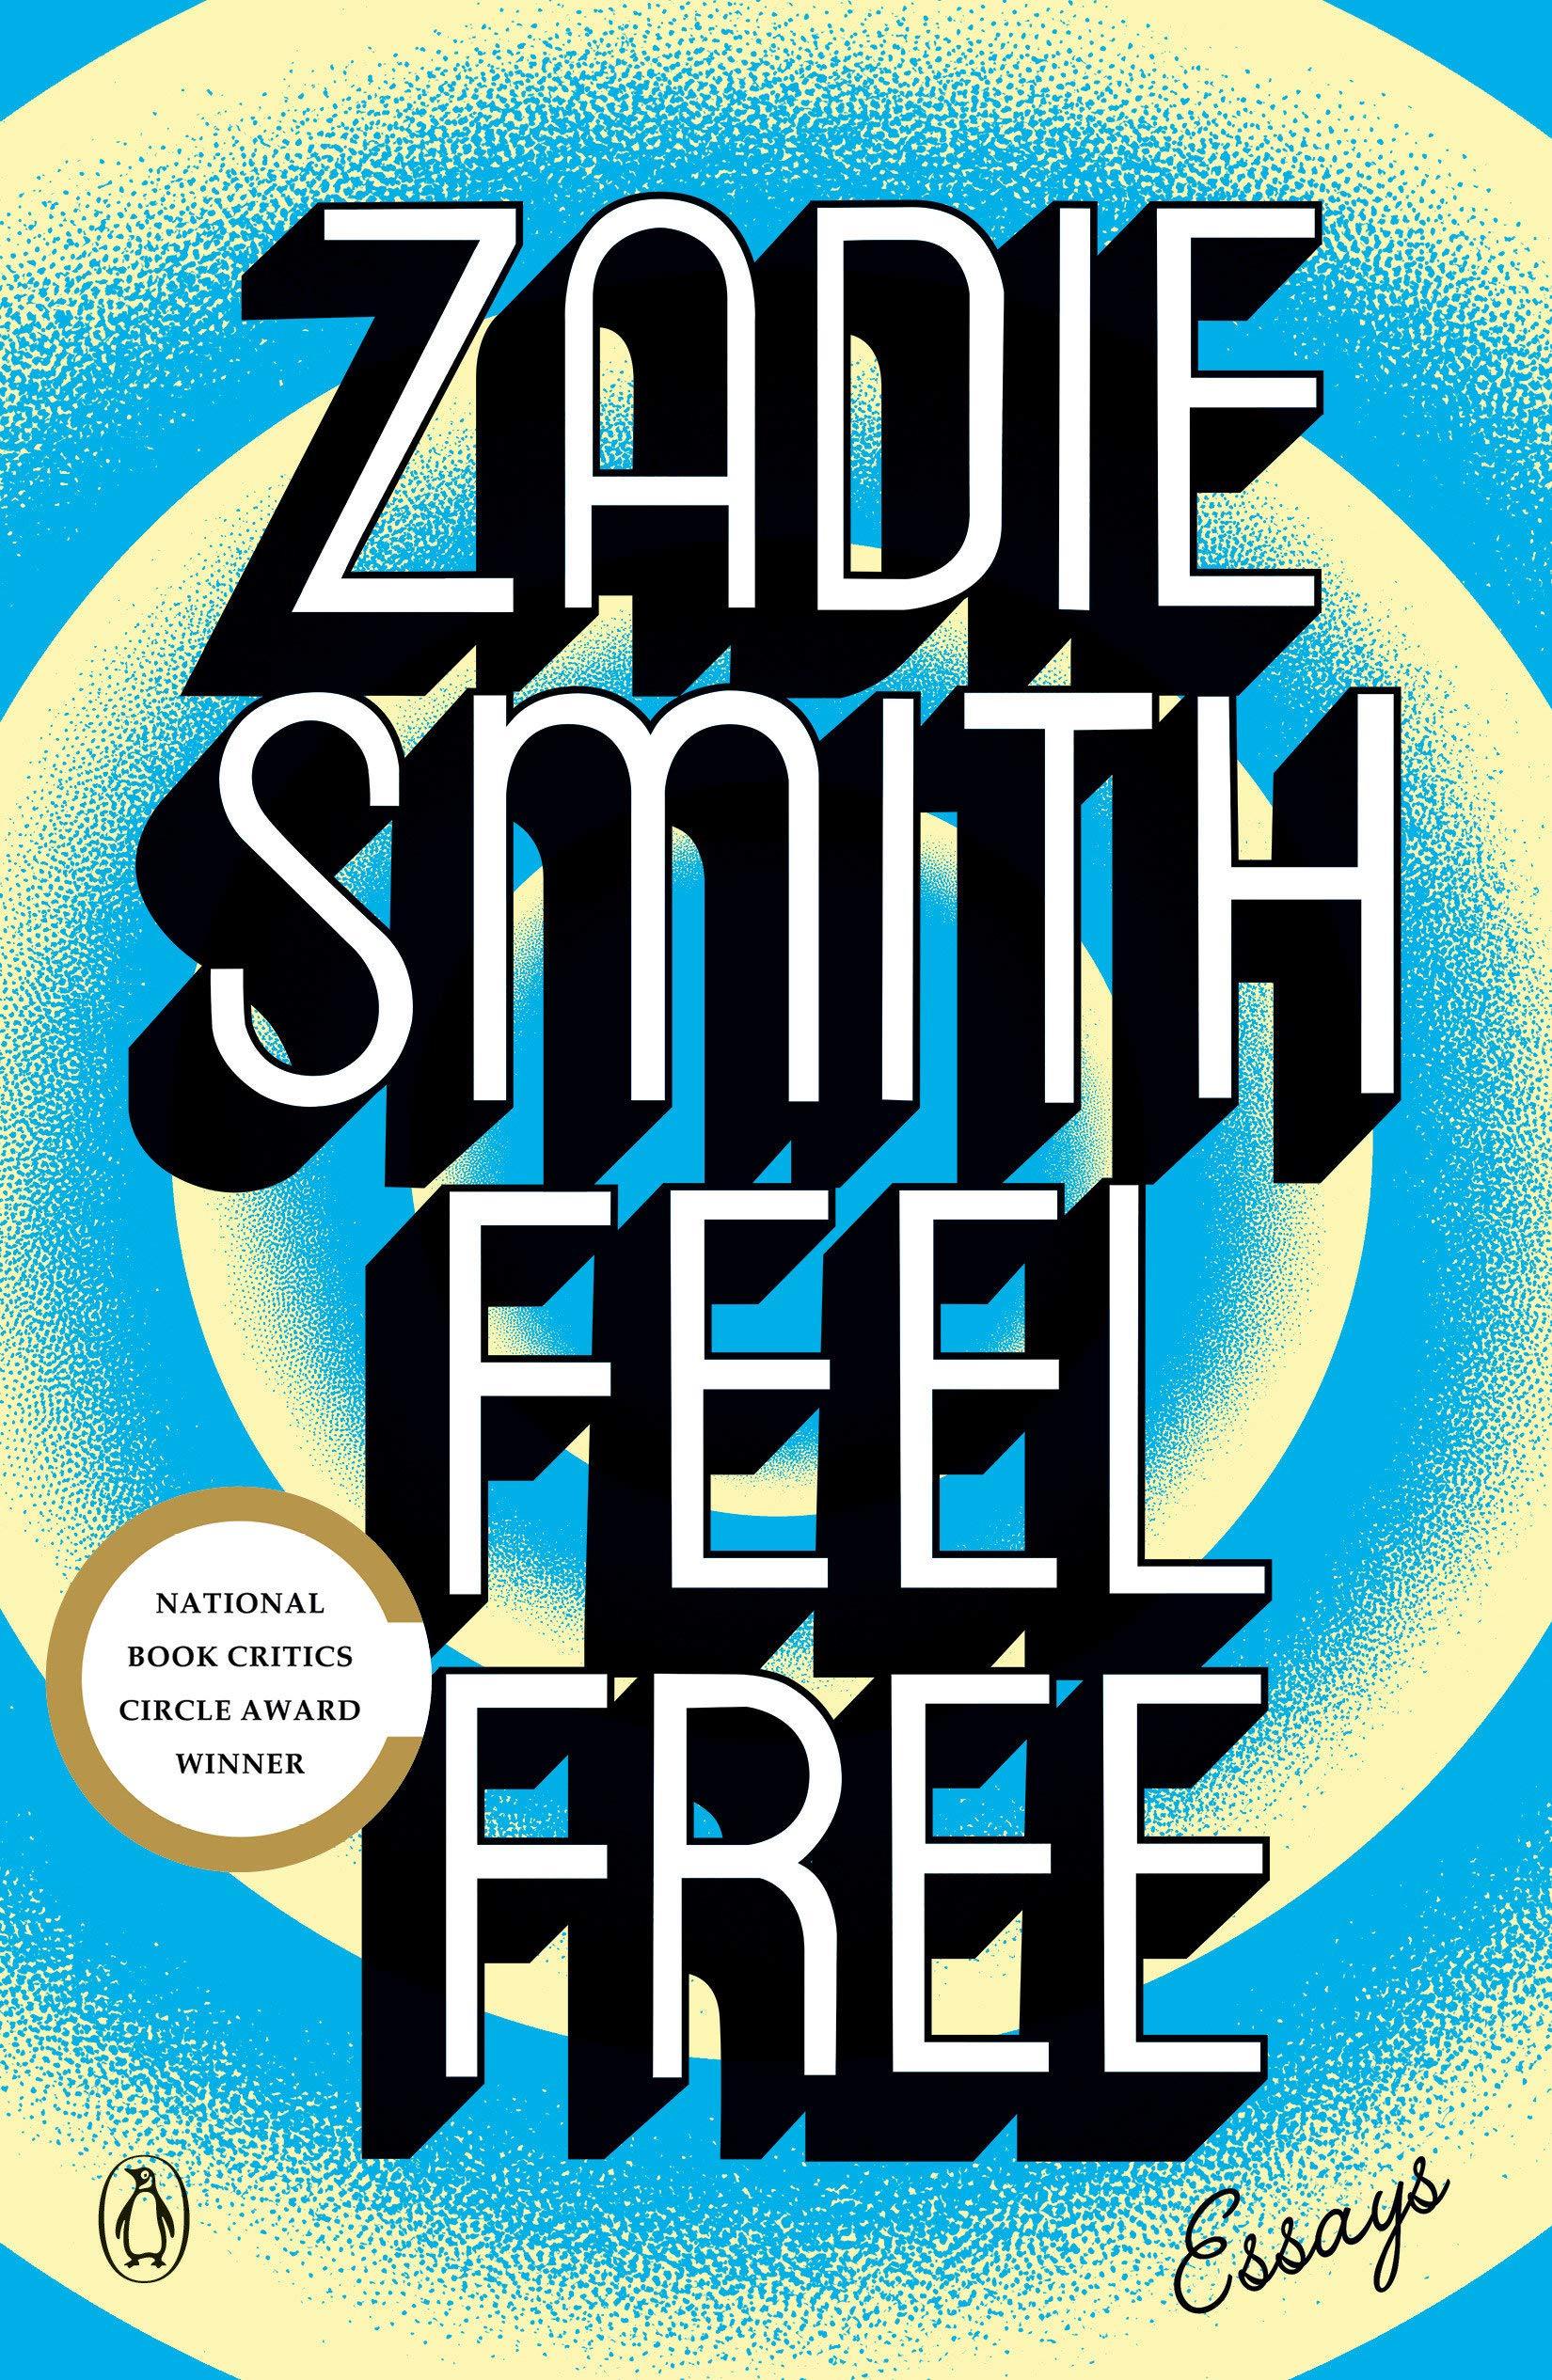 Feel Free: Essays: Smith, Zadie: 9780143110255: Amazon.com: Books